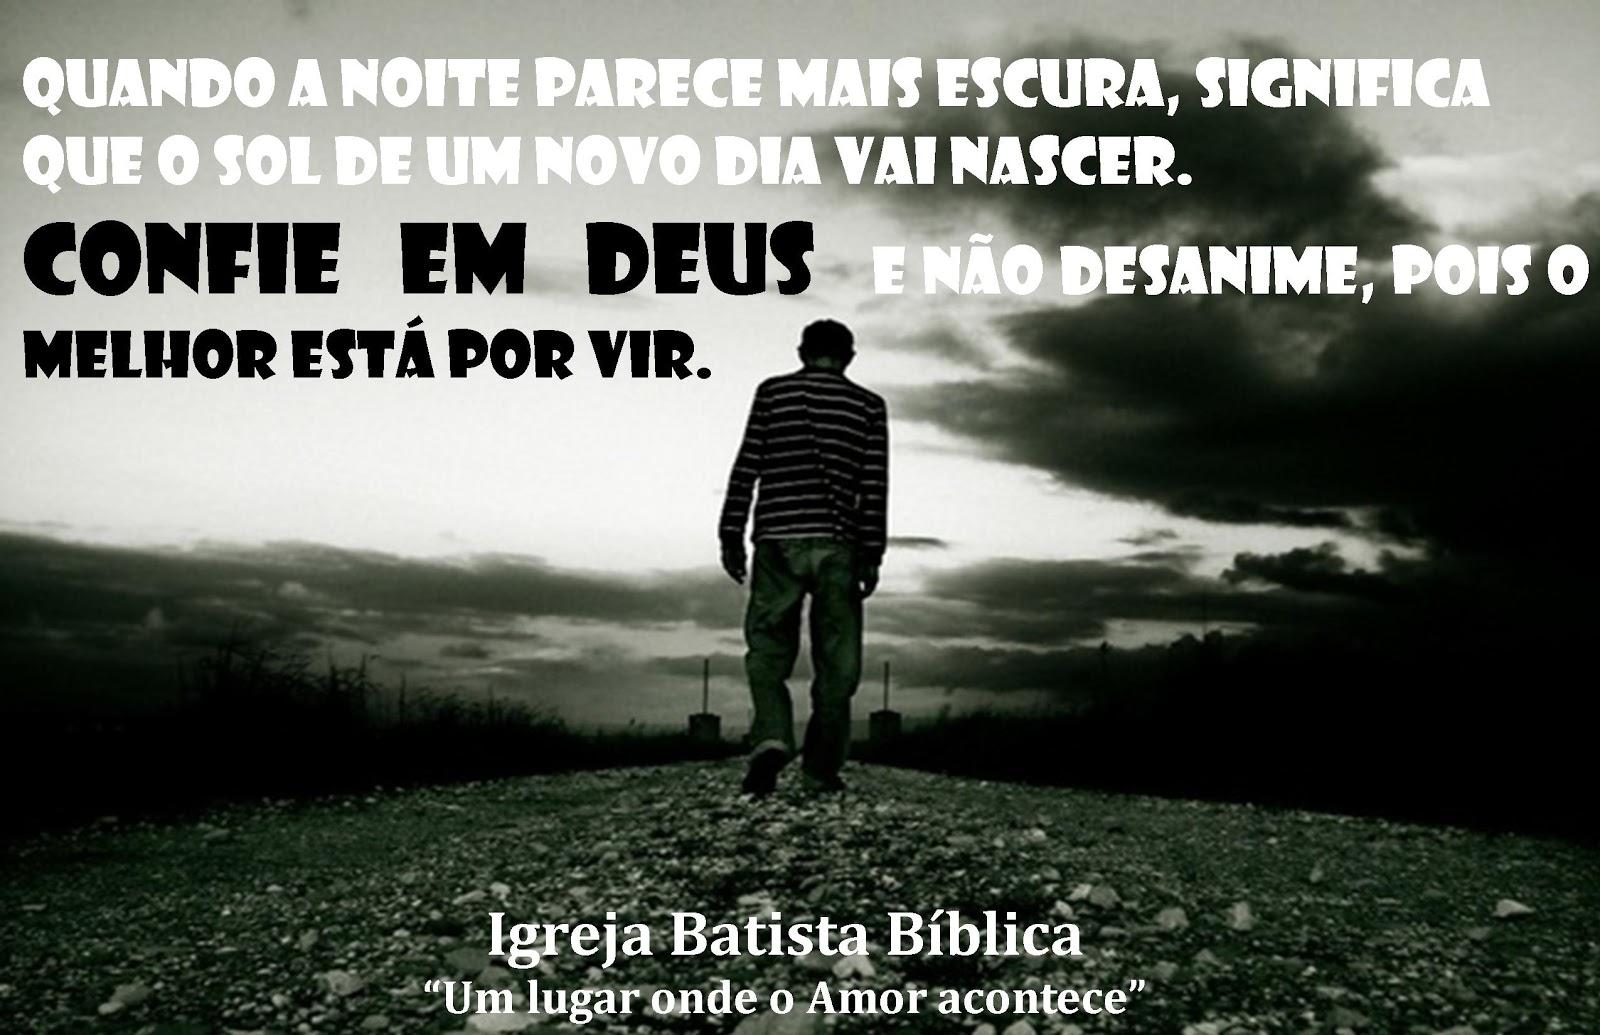 Frases De Reflexao: Igreja Batista Bíblica: Frases Para Reflexão